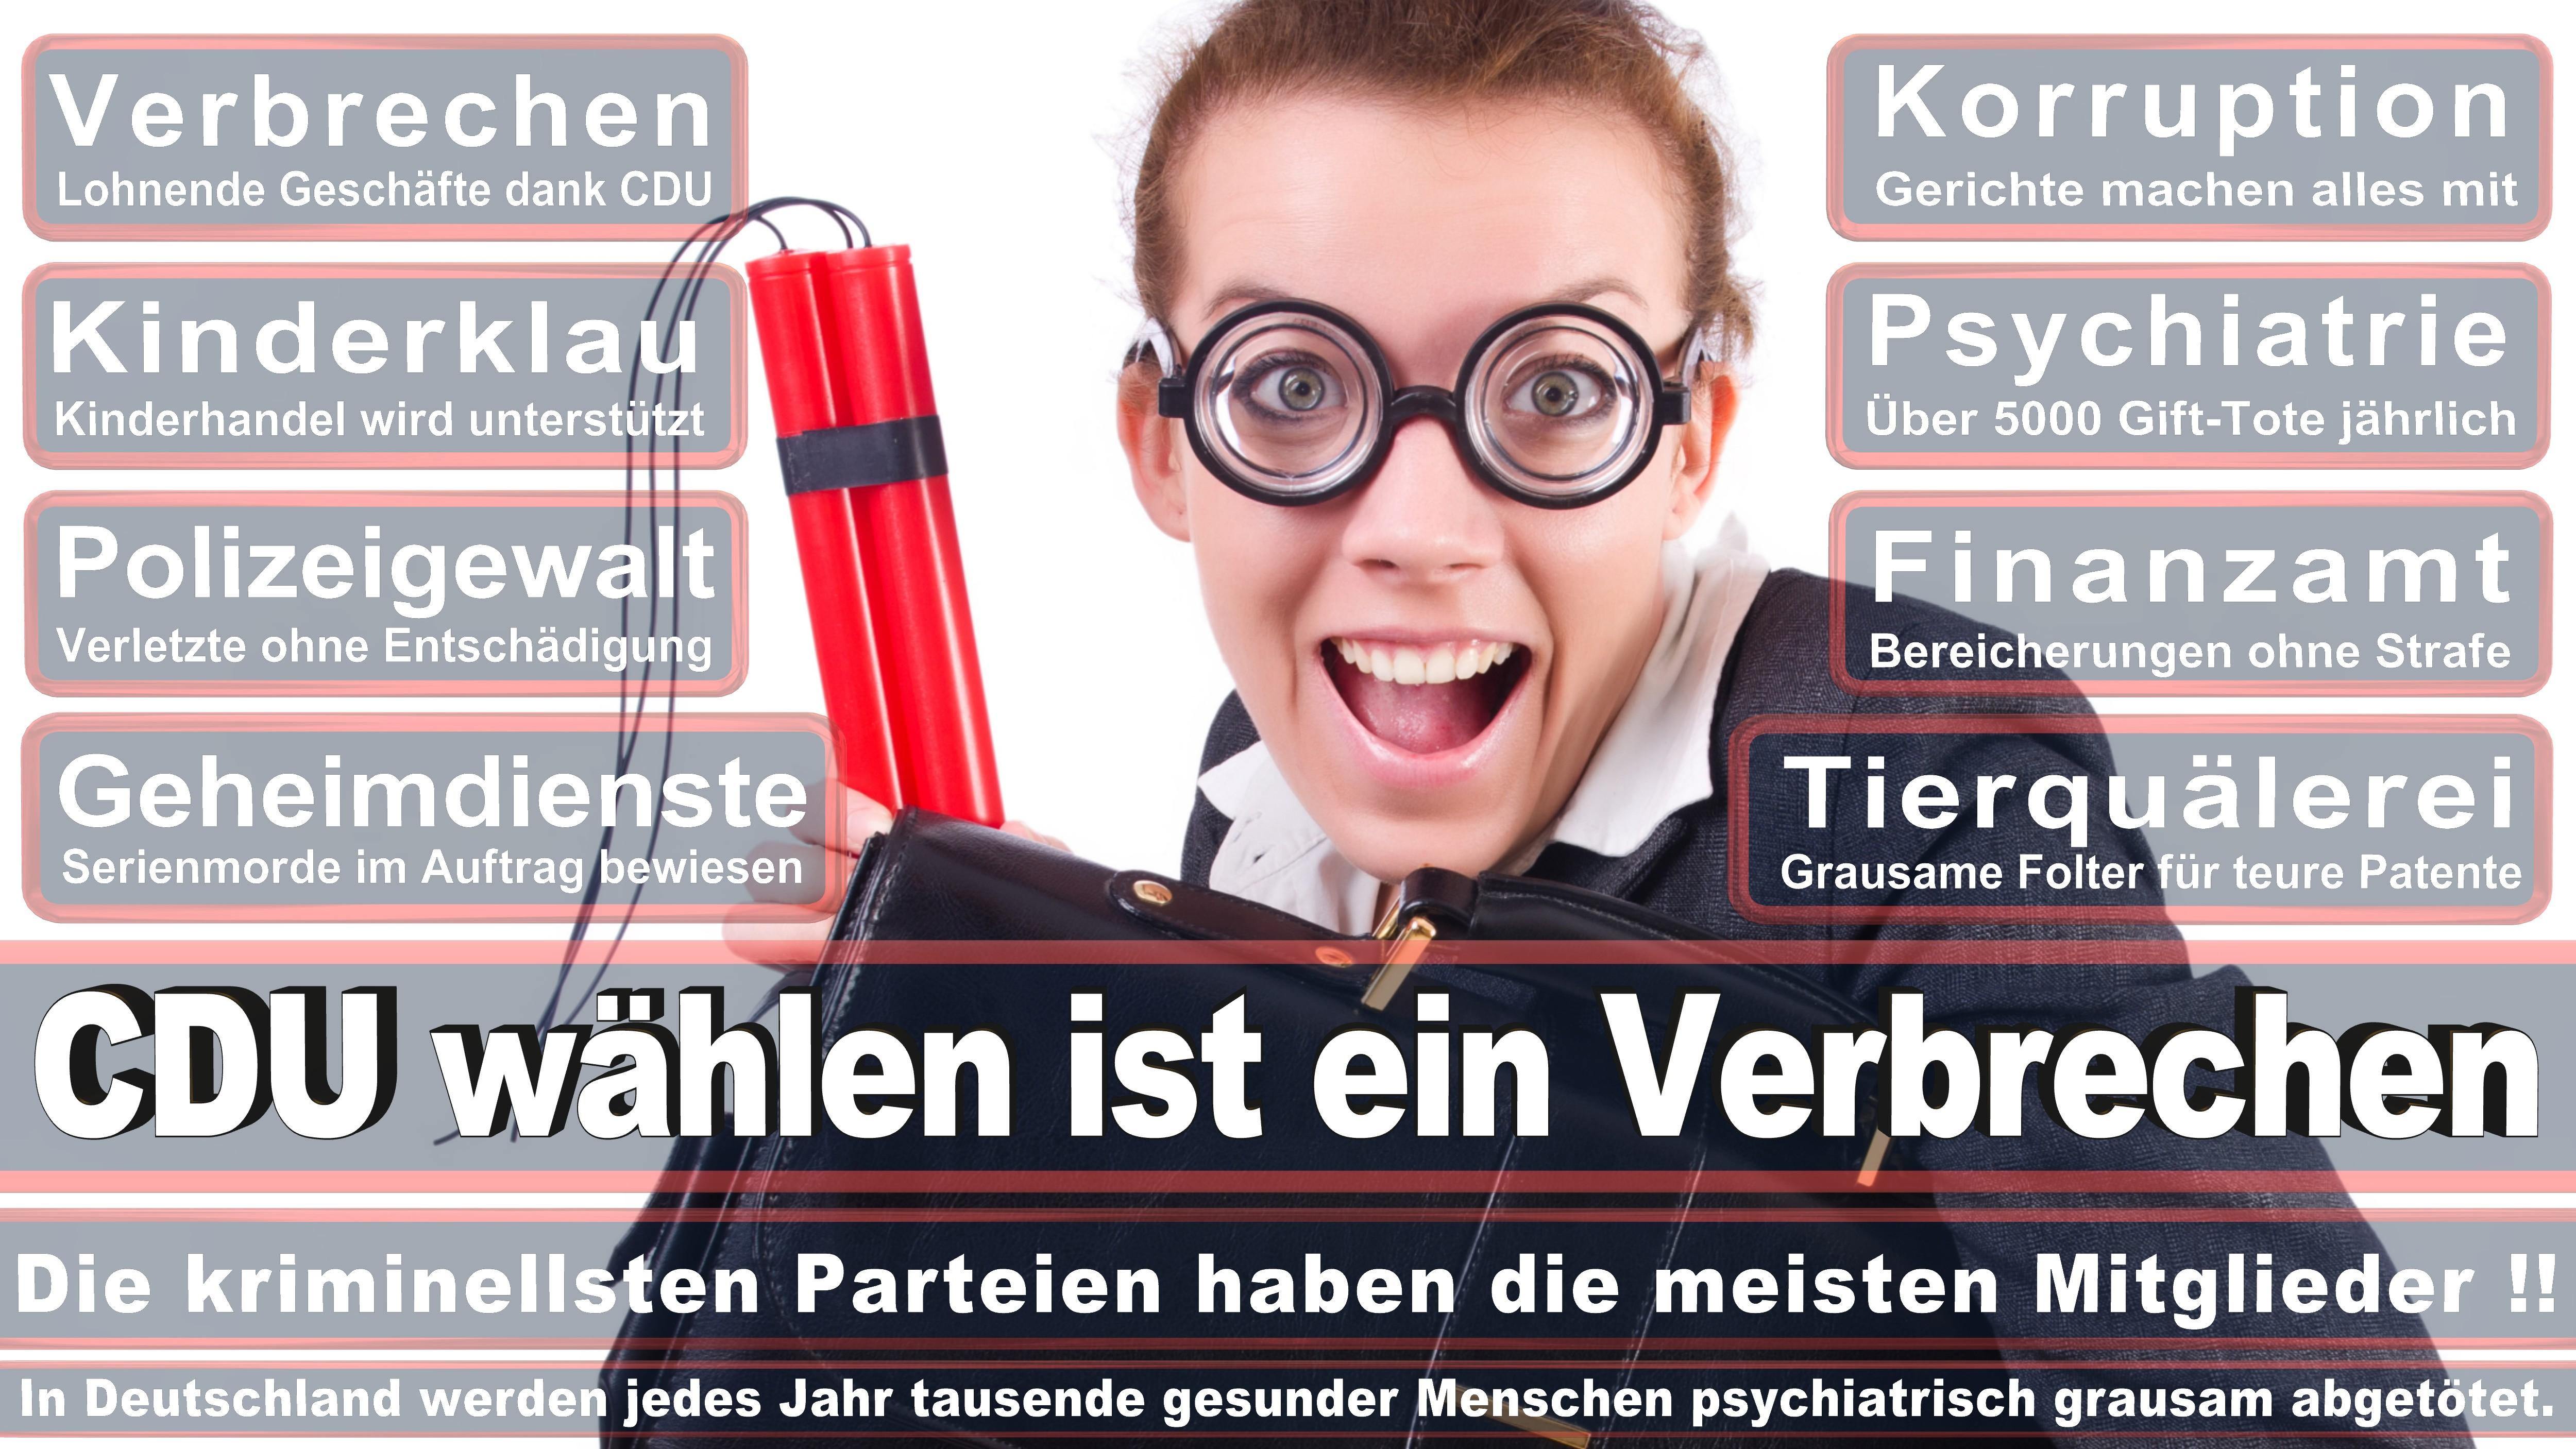 CDU, BIELEFELD, RATSMITGLIEDER, VORSTAND, ORTSVERBAND, MITGLIEDER (68)